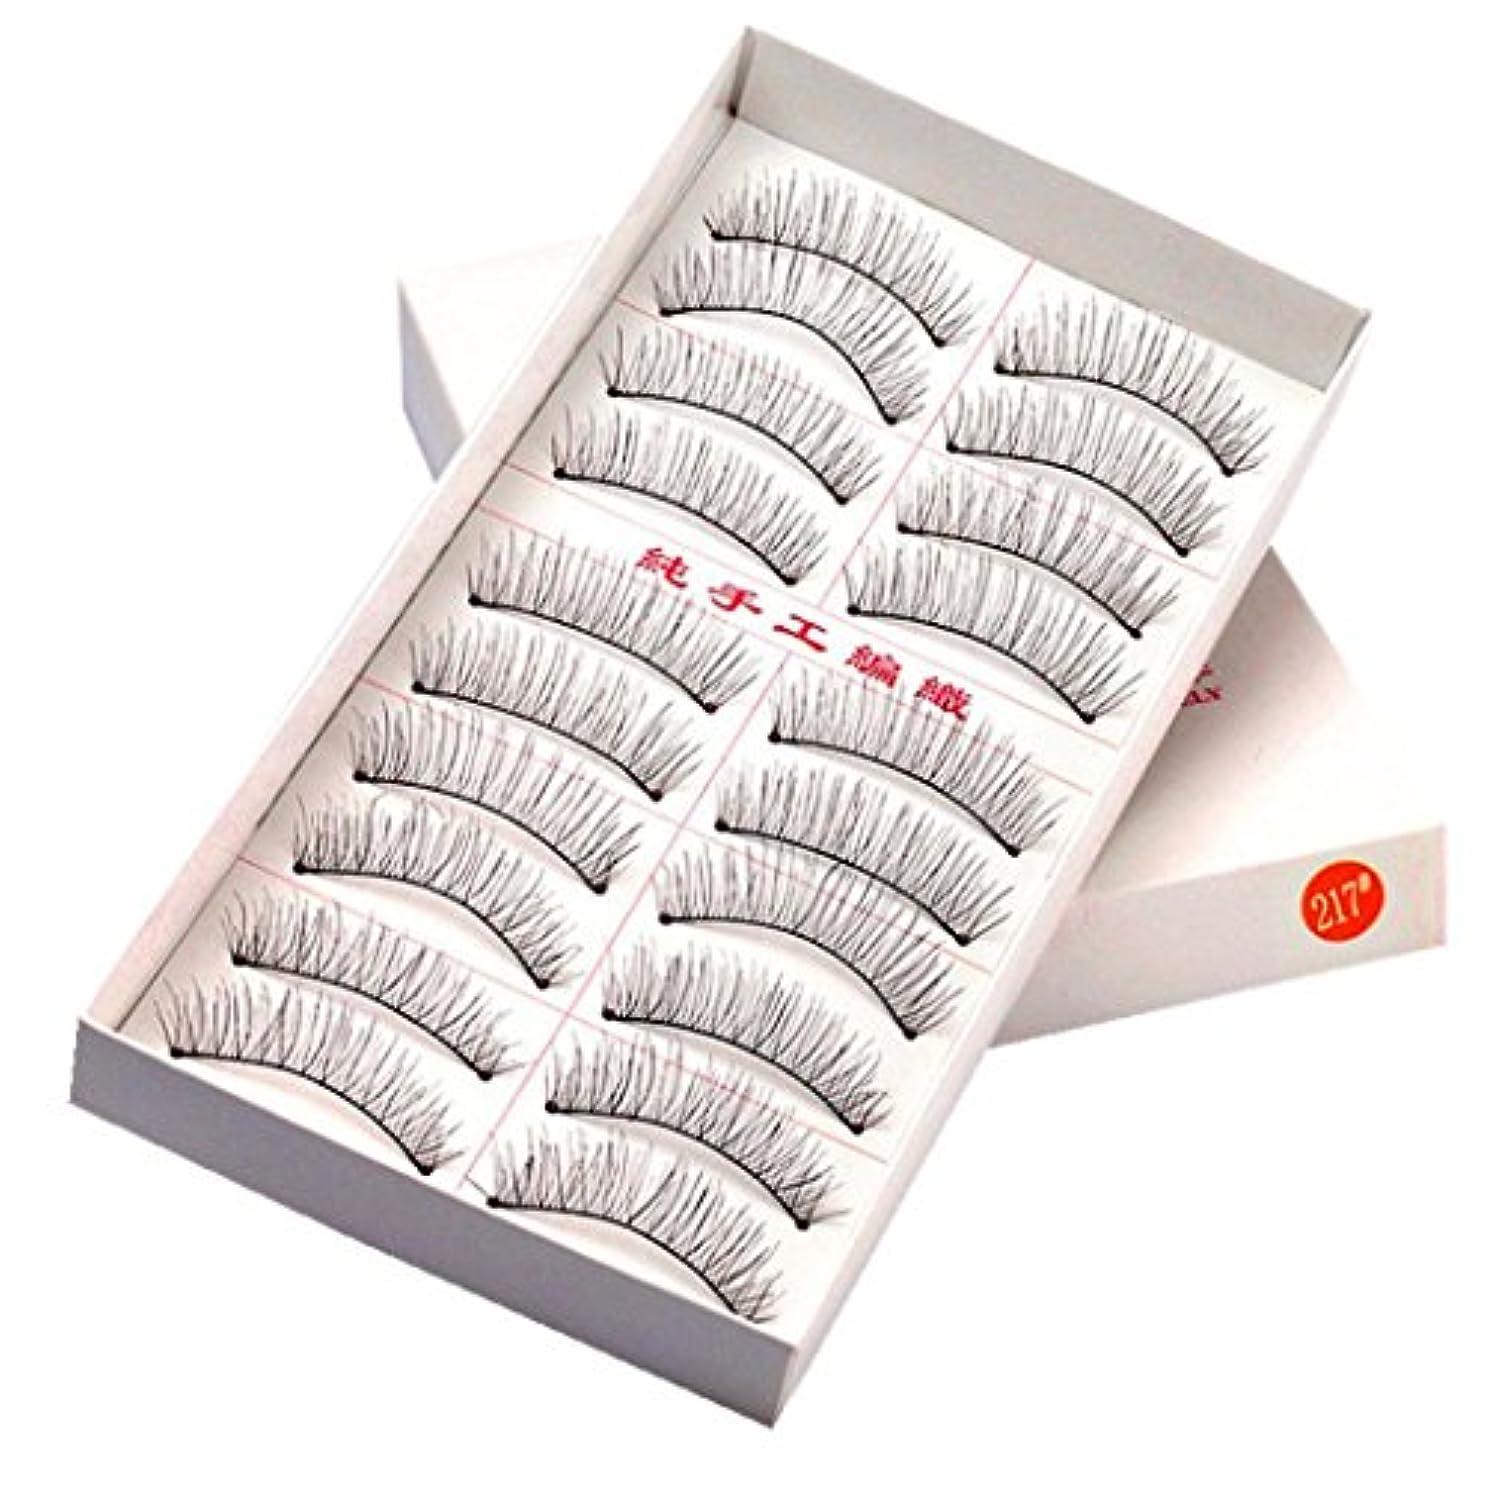 子豚無視欠員Feteso 10ペアセット つけまつげ 上まつげ Eyelashes アイラッシュ ビューティー まつげエクステ レディース 化粧ツール アイメイクアップ 人気 ナチュラル 飾り ふんわり 装着簡単 綺麗 変身